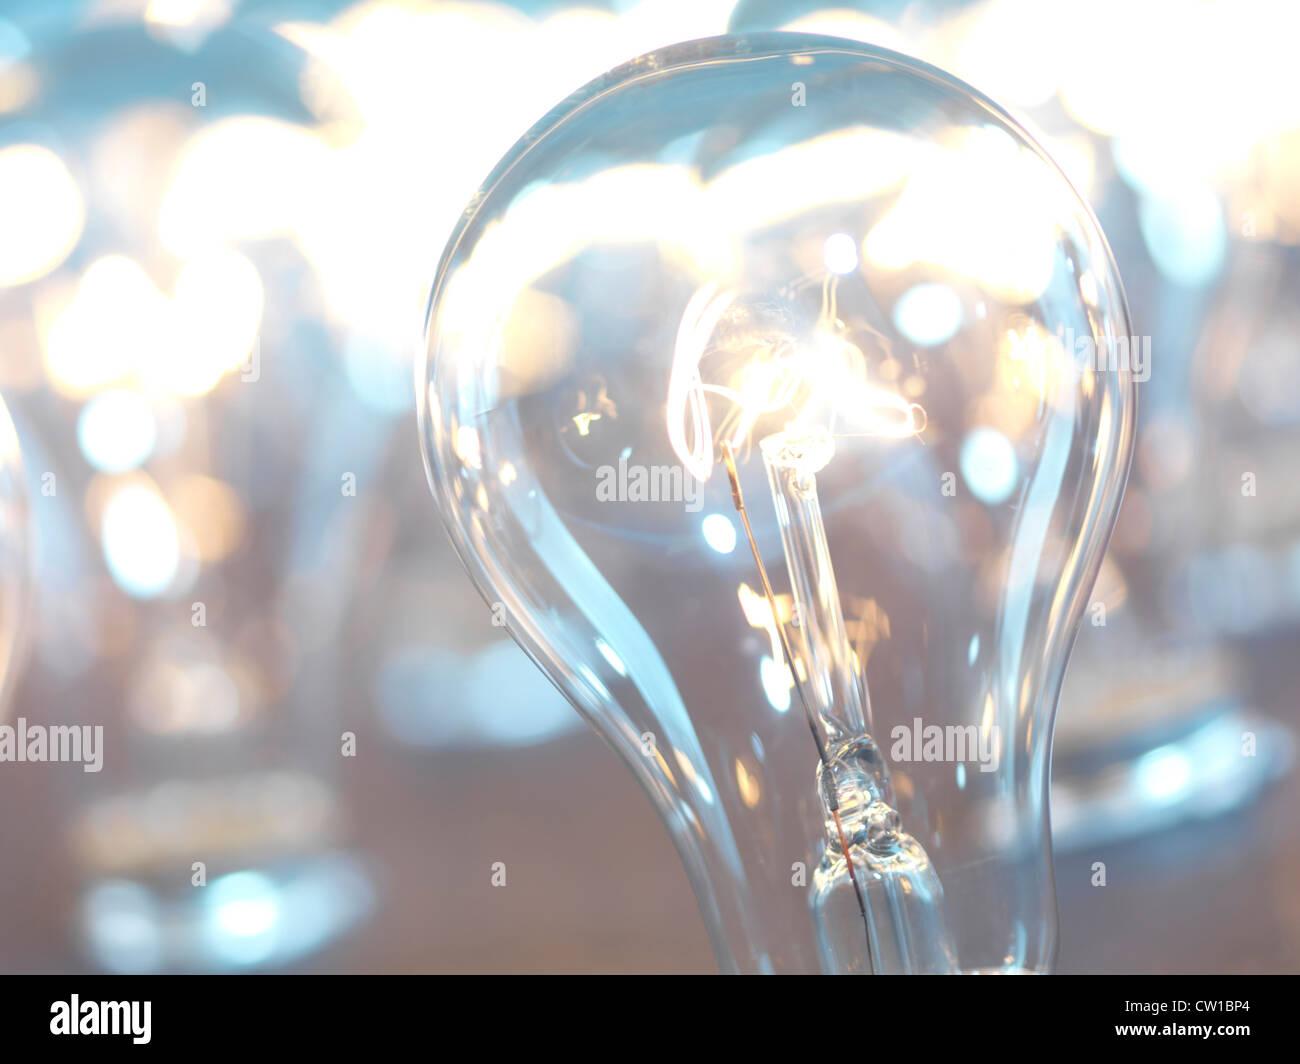 Primer plano de encendido las bombillas incandescentes. Concepto de consumo de energía. Imagen De Stock